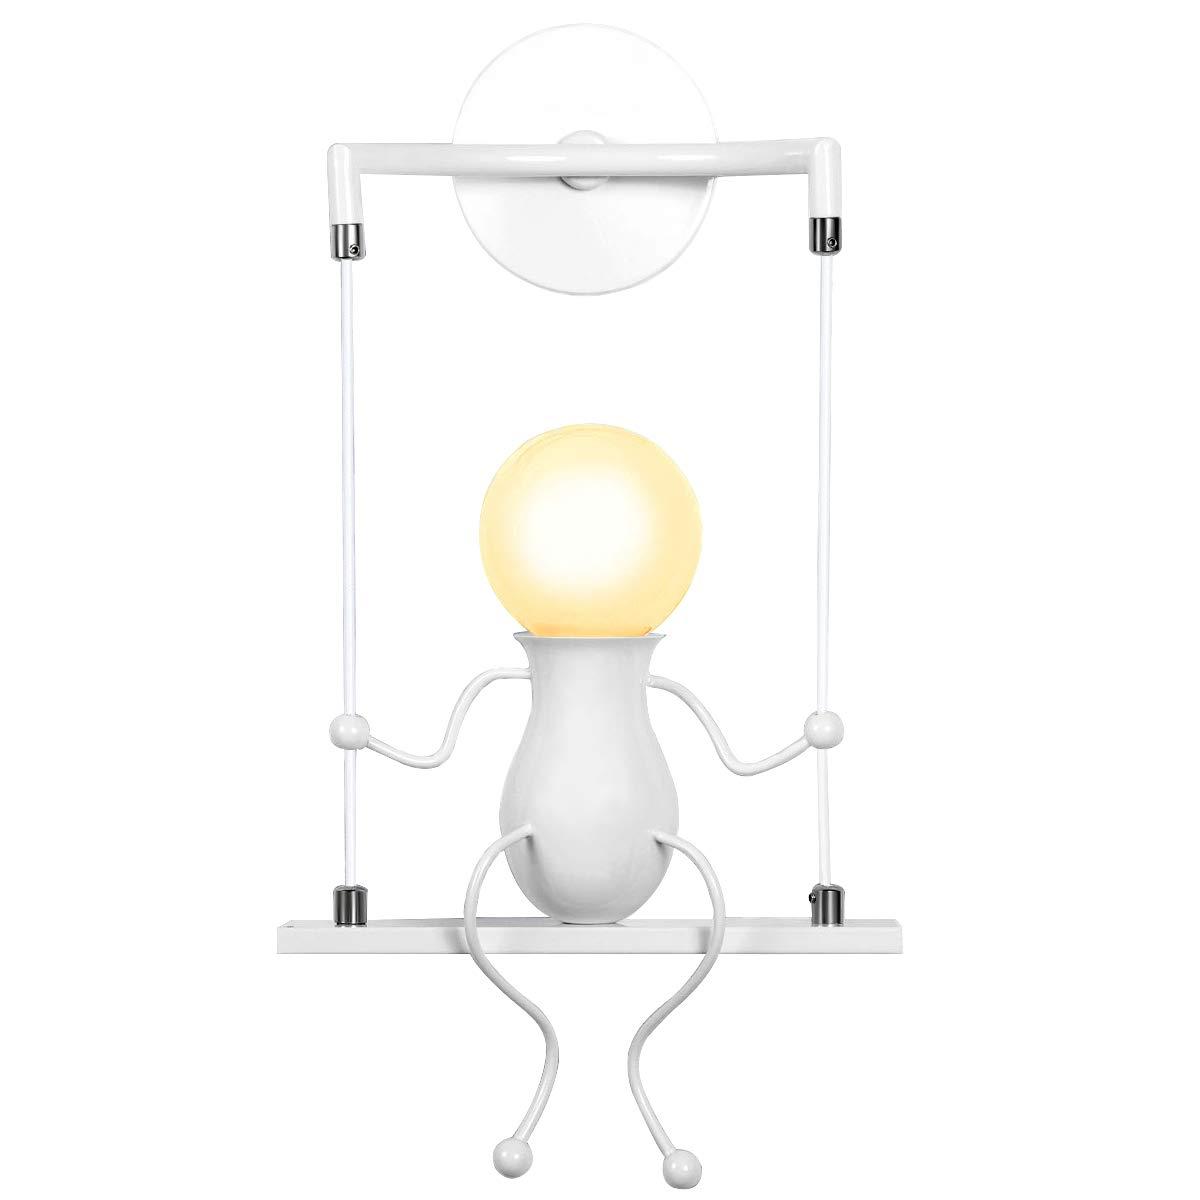 KAWELL Humanoïde Créatif Lampe Murale LED Moderne Applique Murale Simple LED Lampe de Mur Art Déco Max 60W E27 Base Fer Titulaire pour Chambre, Chevet, Escalier, Couloir, Restaurant, Cuisine, Noir [Classe énergétique A+]